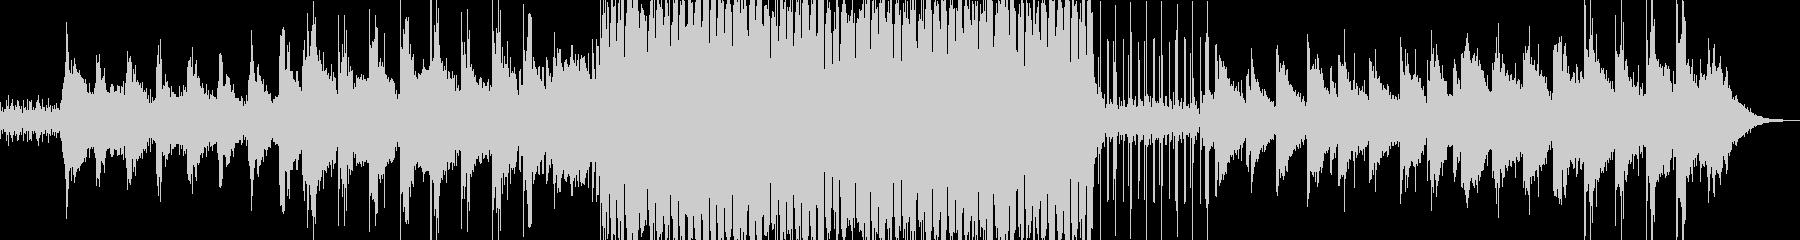 幻想的なヒーリング系 チルアウトの未再生の波形